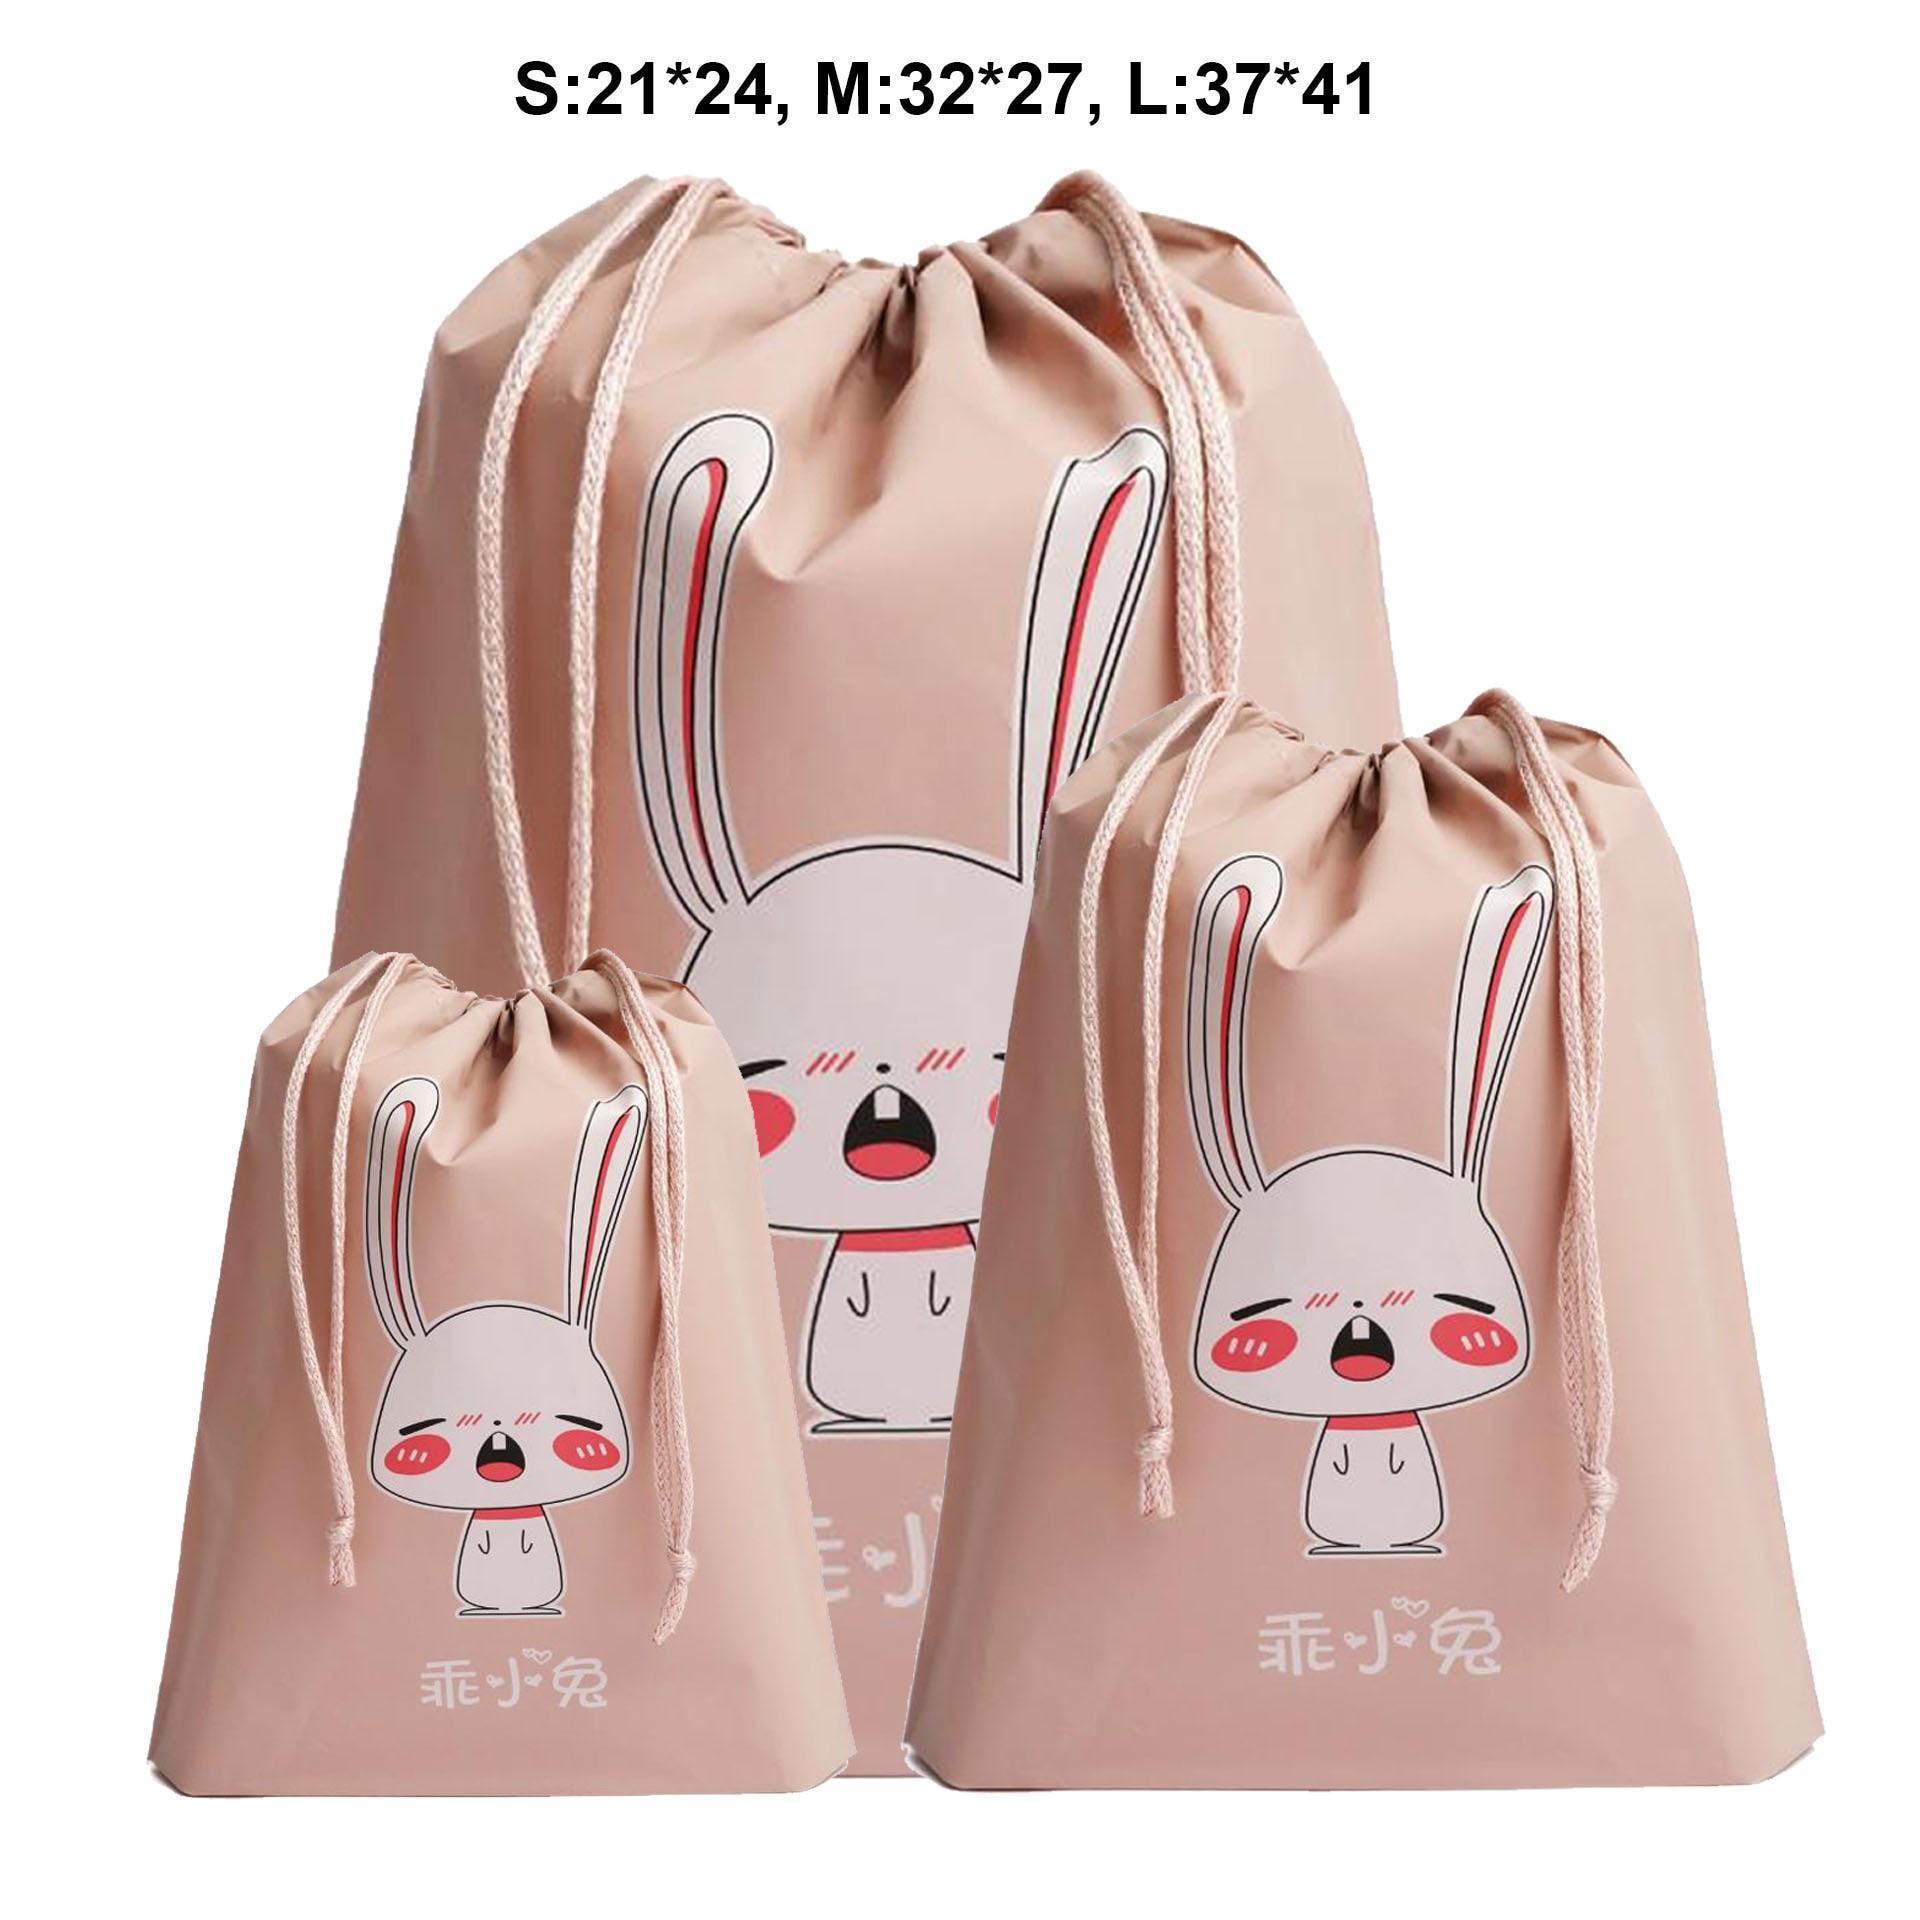 Водостойкий ящик Drawstring одежда упаковка, хранение сумка дорожная косметичка органайзер для мытья сумка в сумке PEVA Сумка сумки для женщин